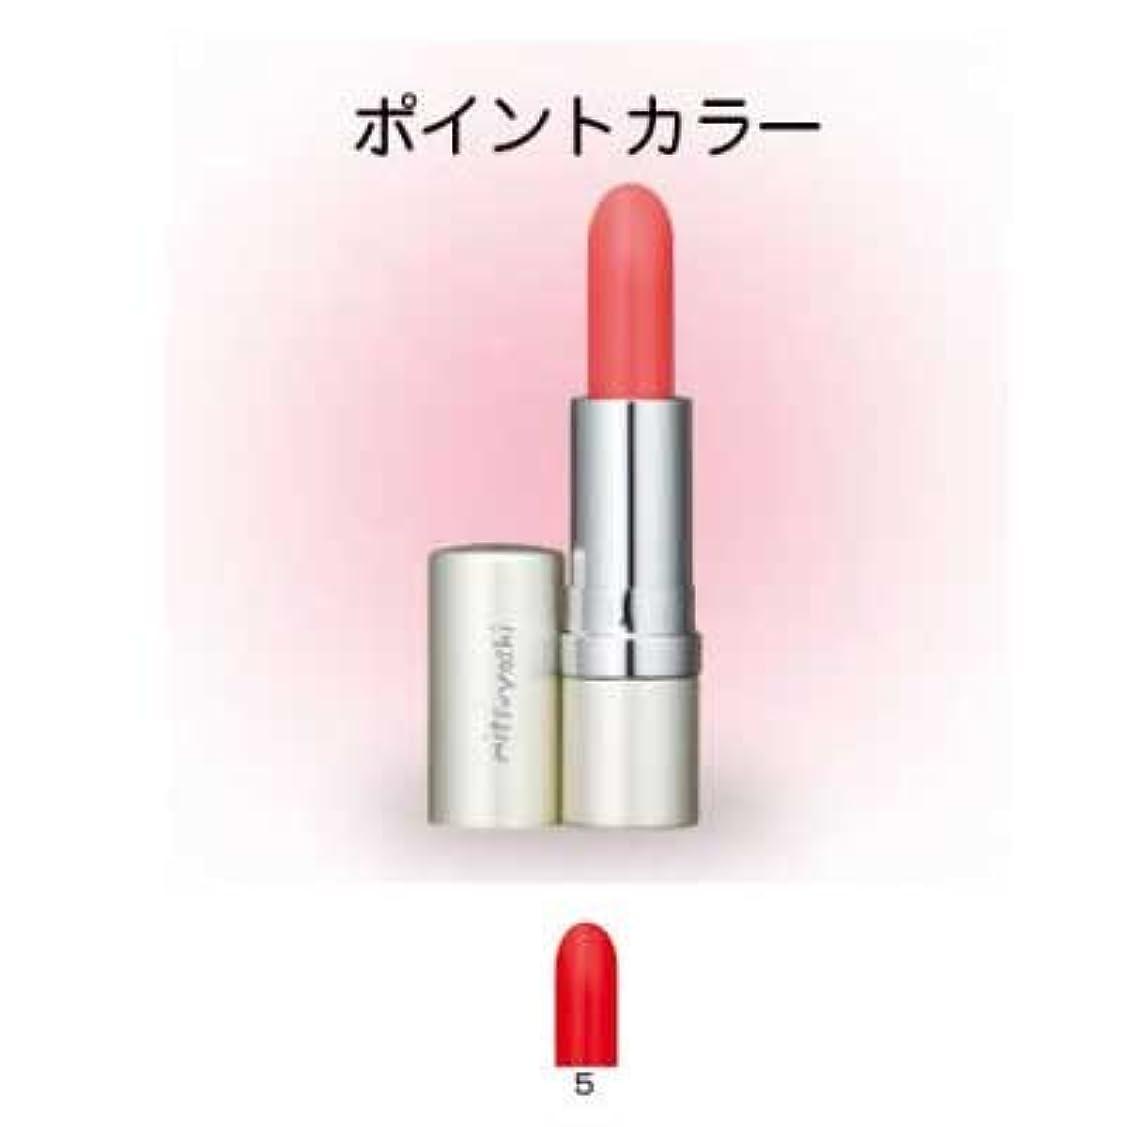 コンパス矛盾ファン三善 リップルージュ プロ 口紅 3.8g 5(H)(C)